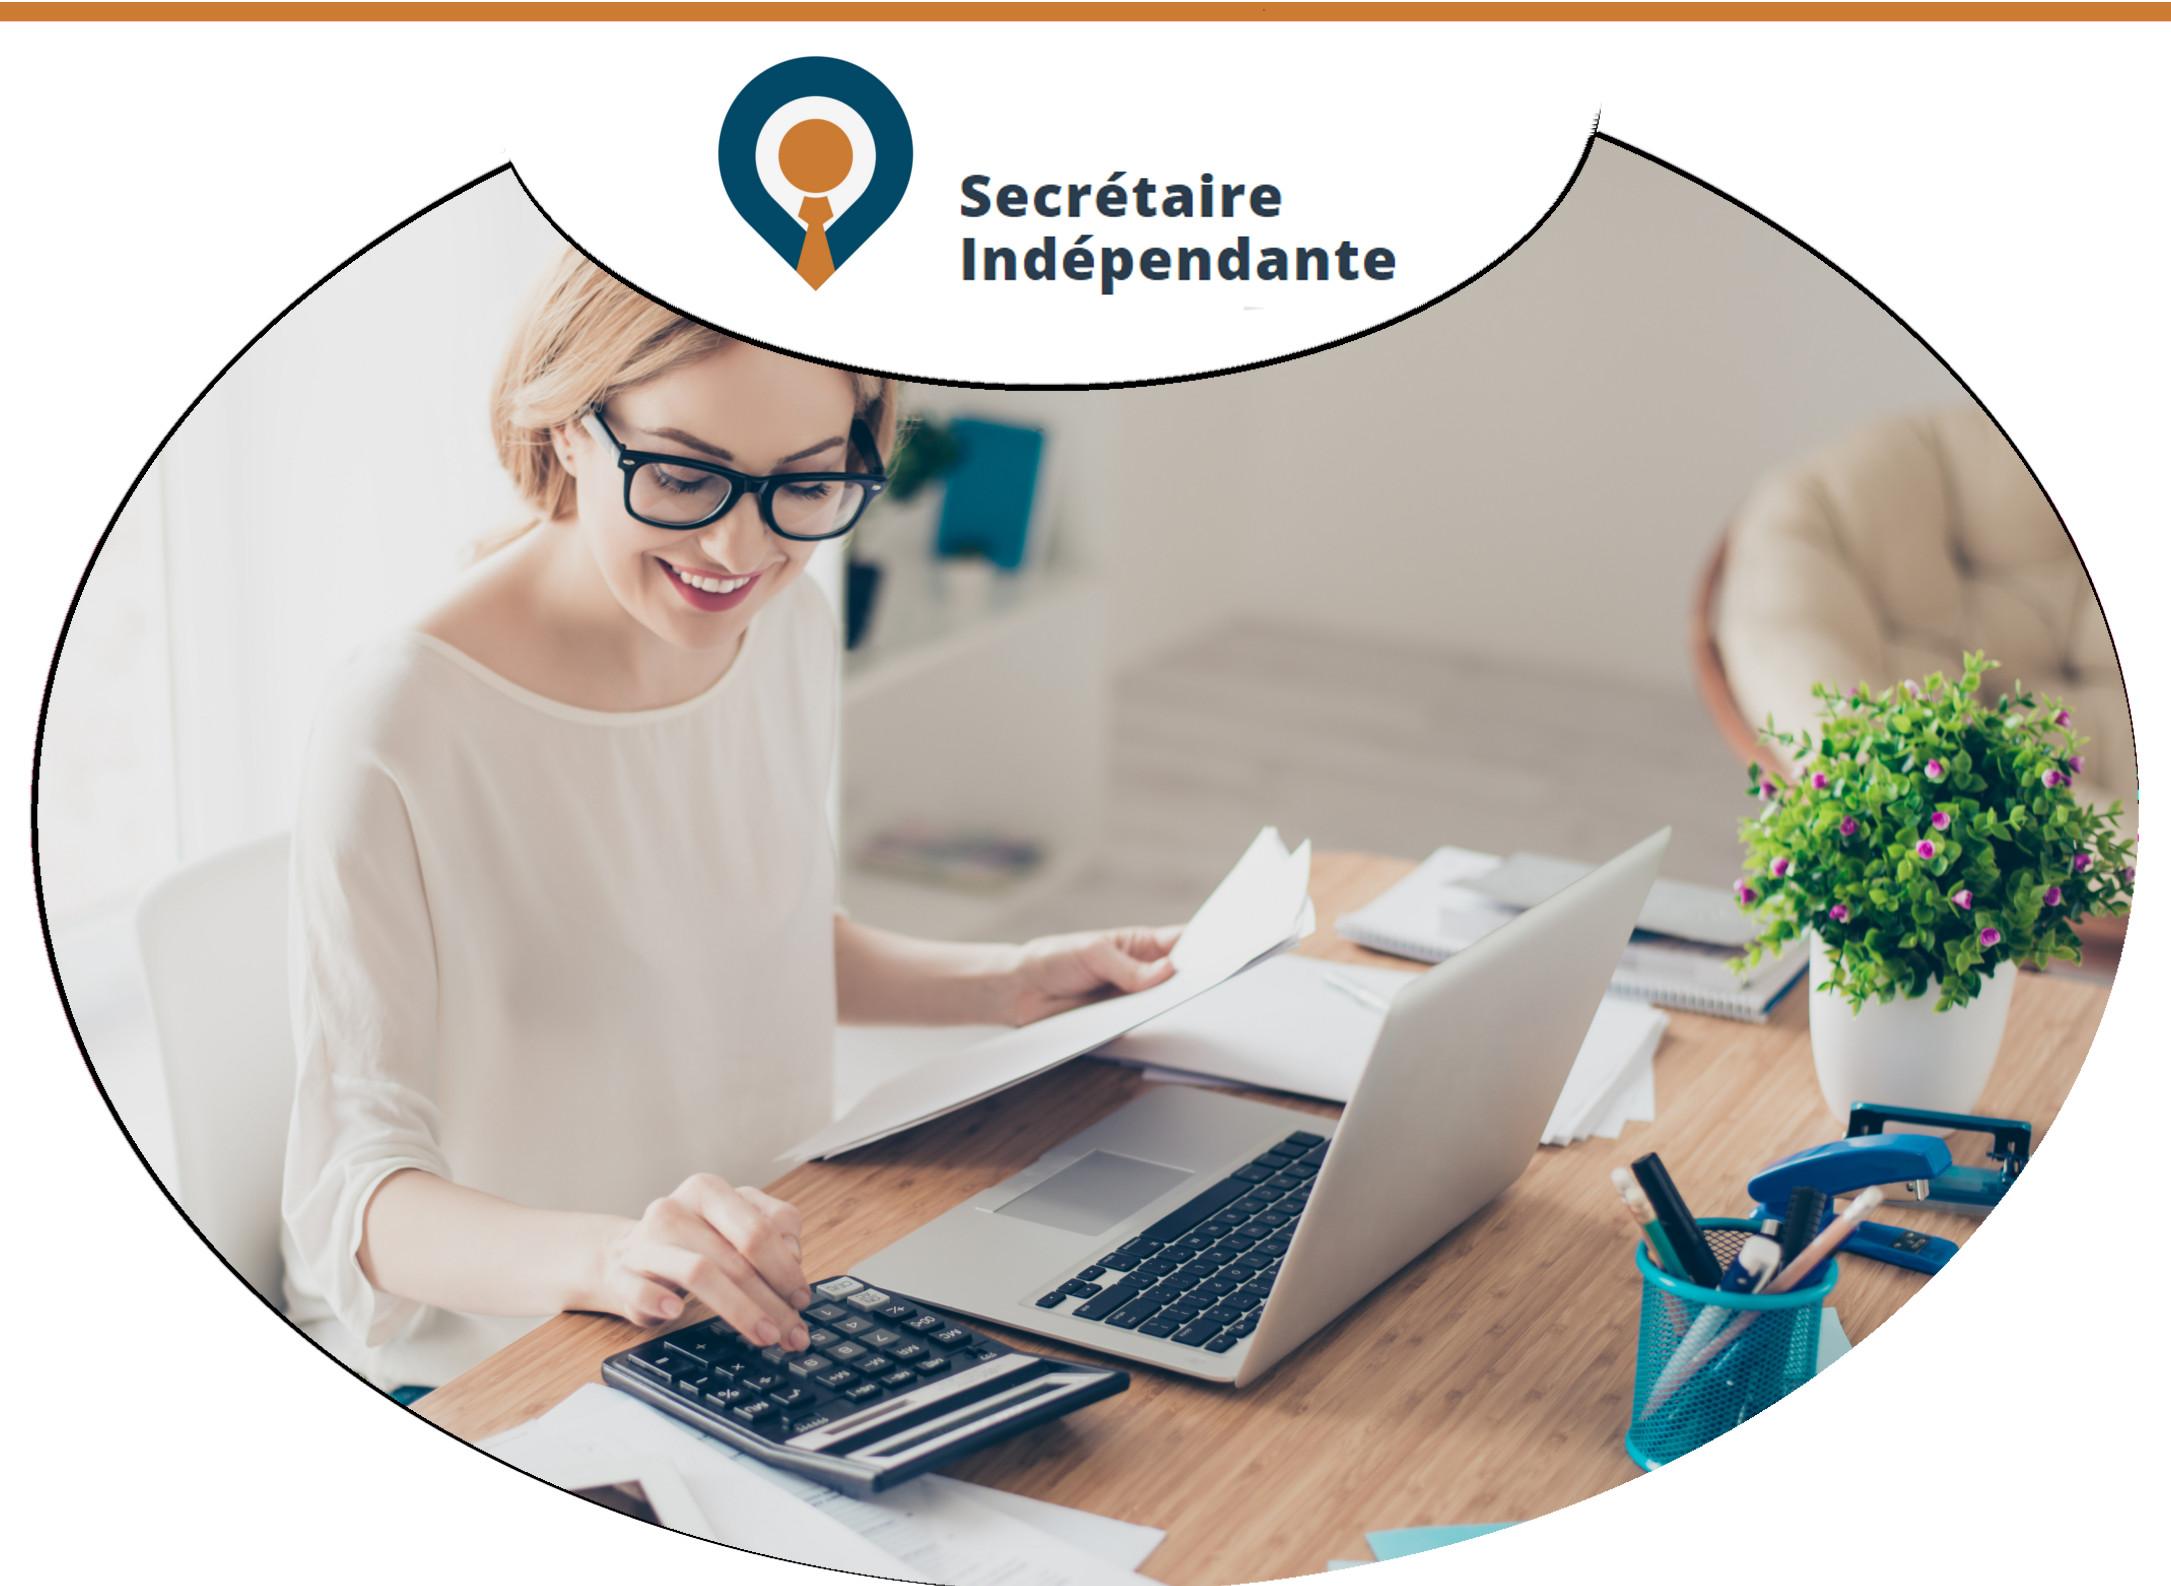 secrétaire indépendante freelance - Secrétaire Indépendante